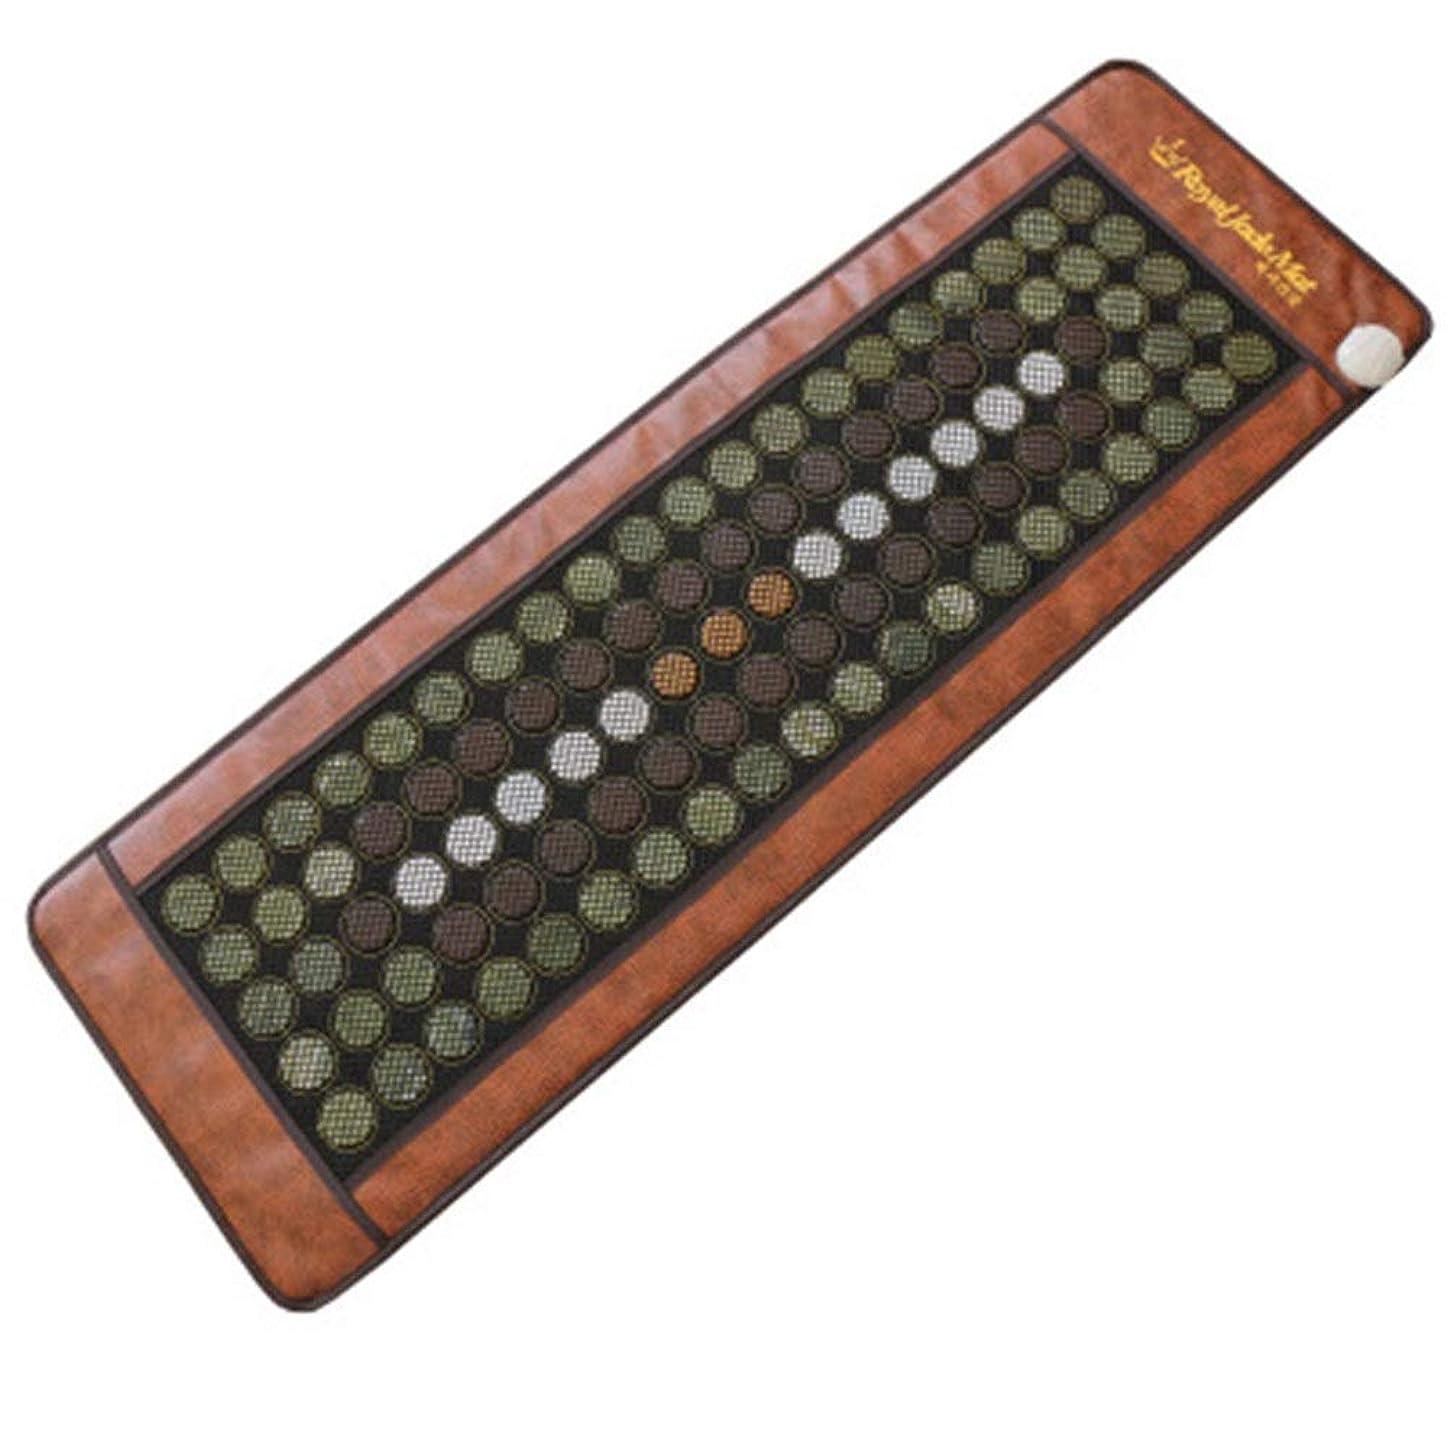 マッサージマットレス 美容院のマッサージのマットレスの携帯用ボディ暖房のマッサージのヒスイのマットレスは快適な家の完全なマッサージを楽しむことを可能にします (色 : Picture, サイズ : 50x150cm)